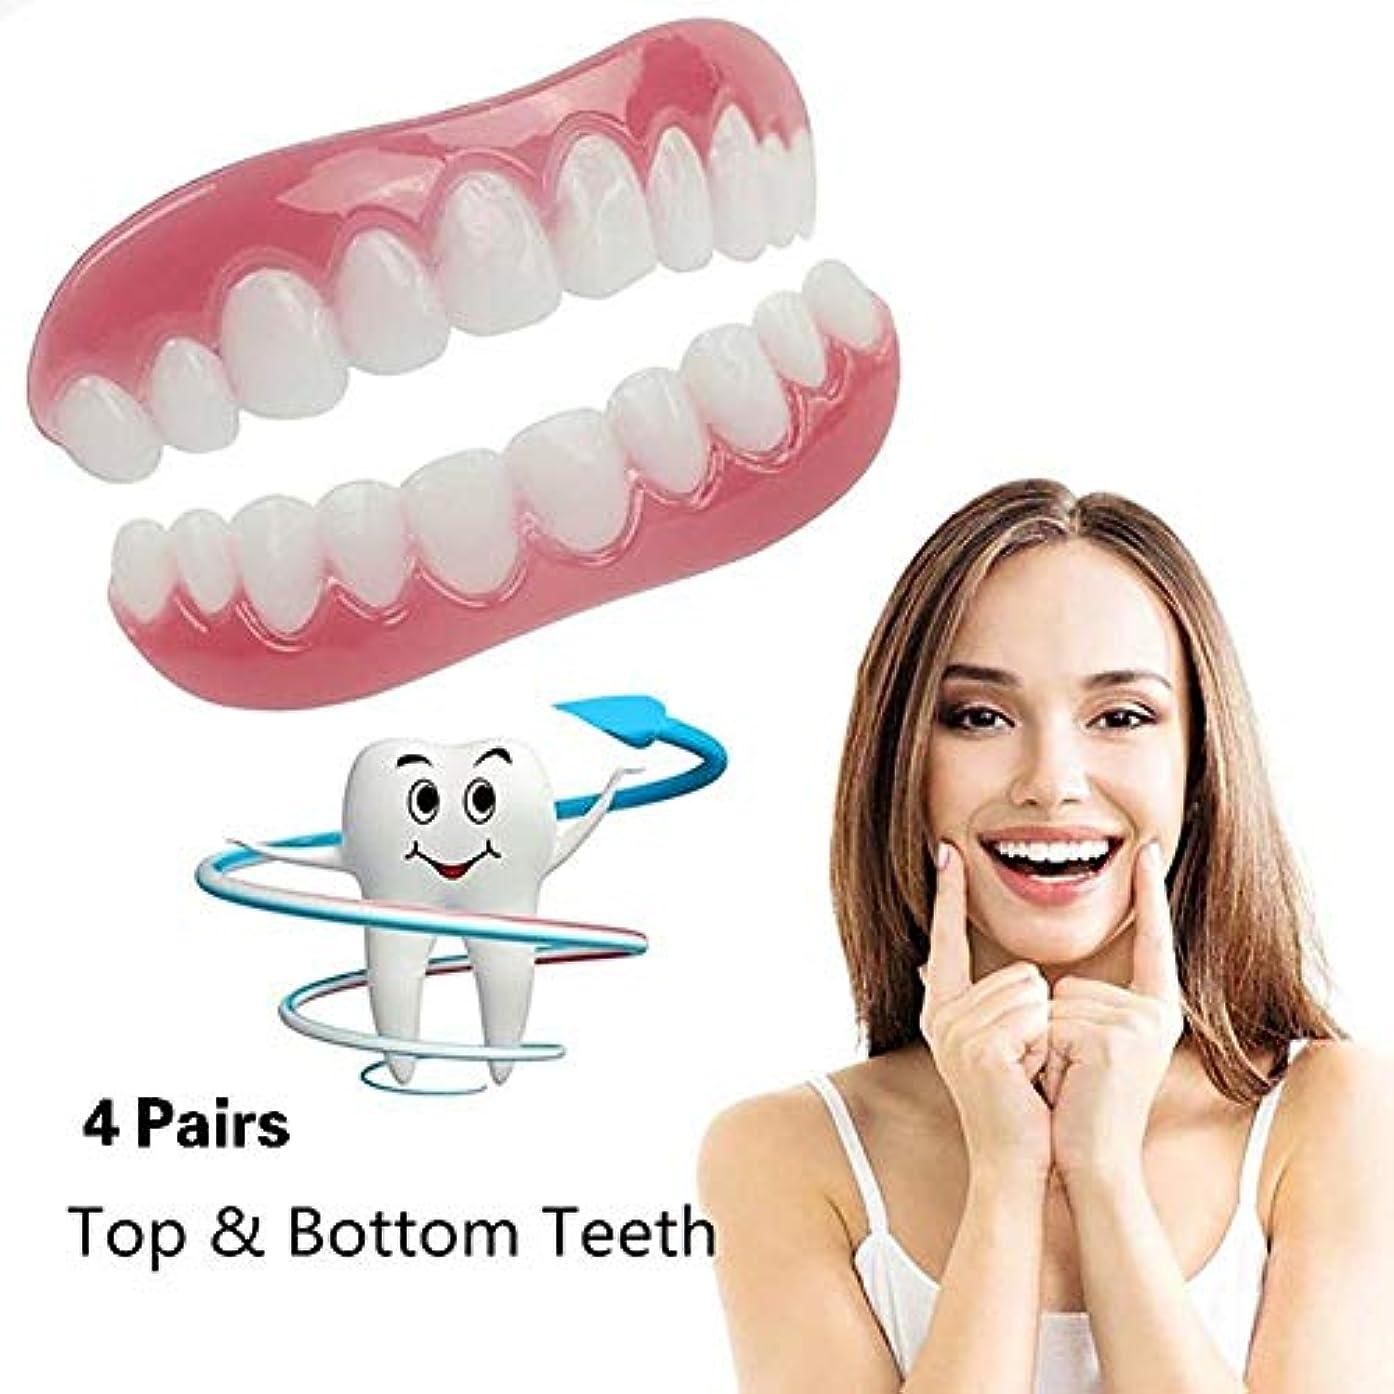 まぶしさ首相周術期8本のシリコーンの歯のベニヤ化粧品の歯のスナップオンセキュアアッパーローフレックス歯科用ベニヤ義歯ケアホワイトニングパーフェクトトゥースワンサイズフィットすべて